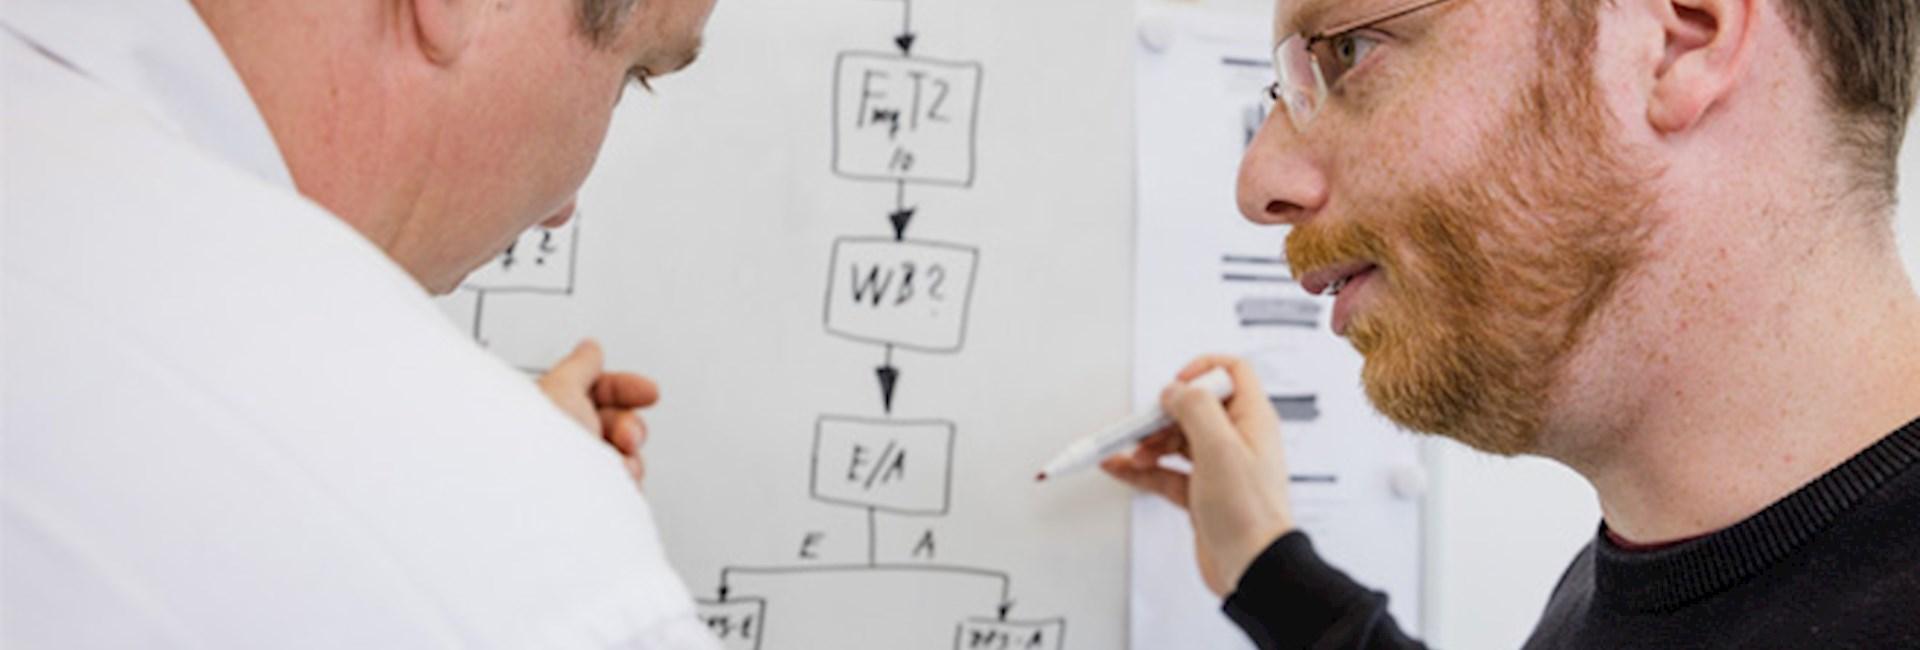 Projektingenieur Martin Fischer und Testingenieur Lars Dietrich in einer Besprechung